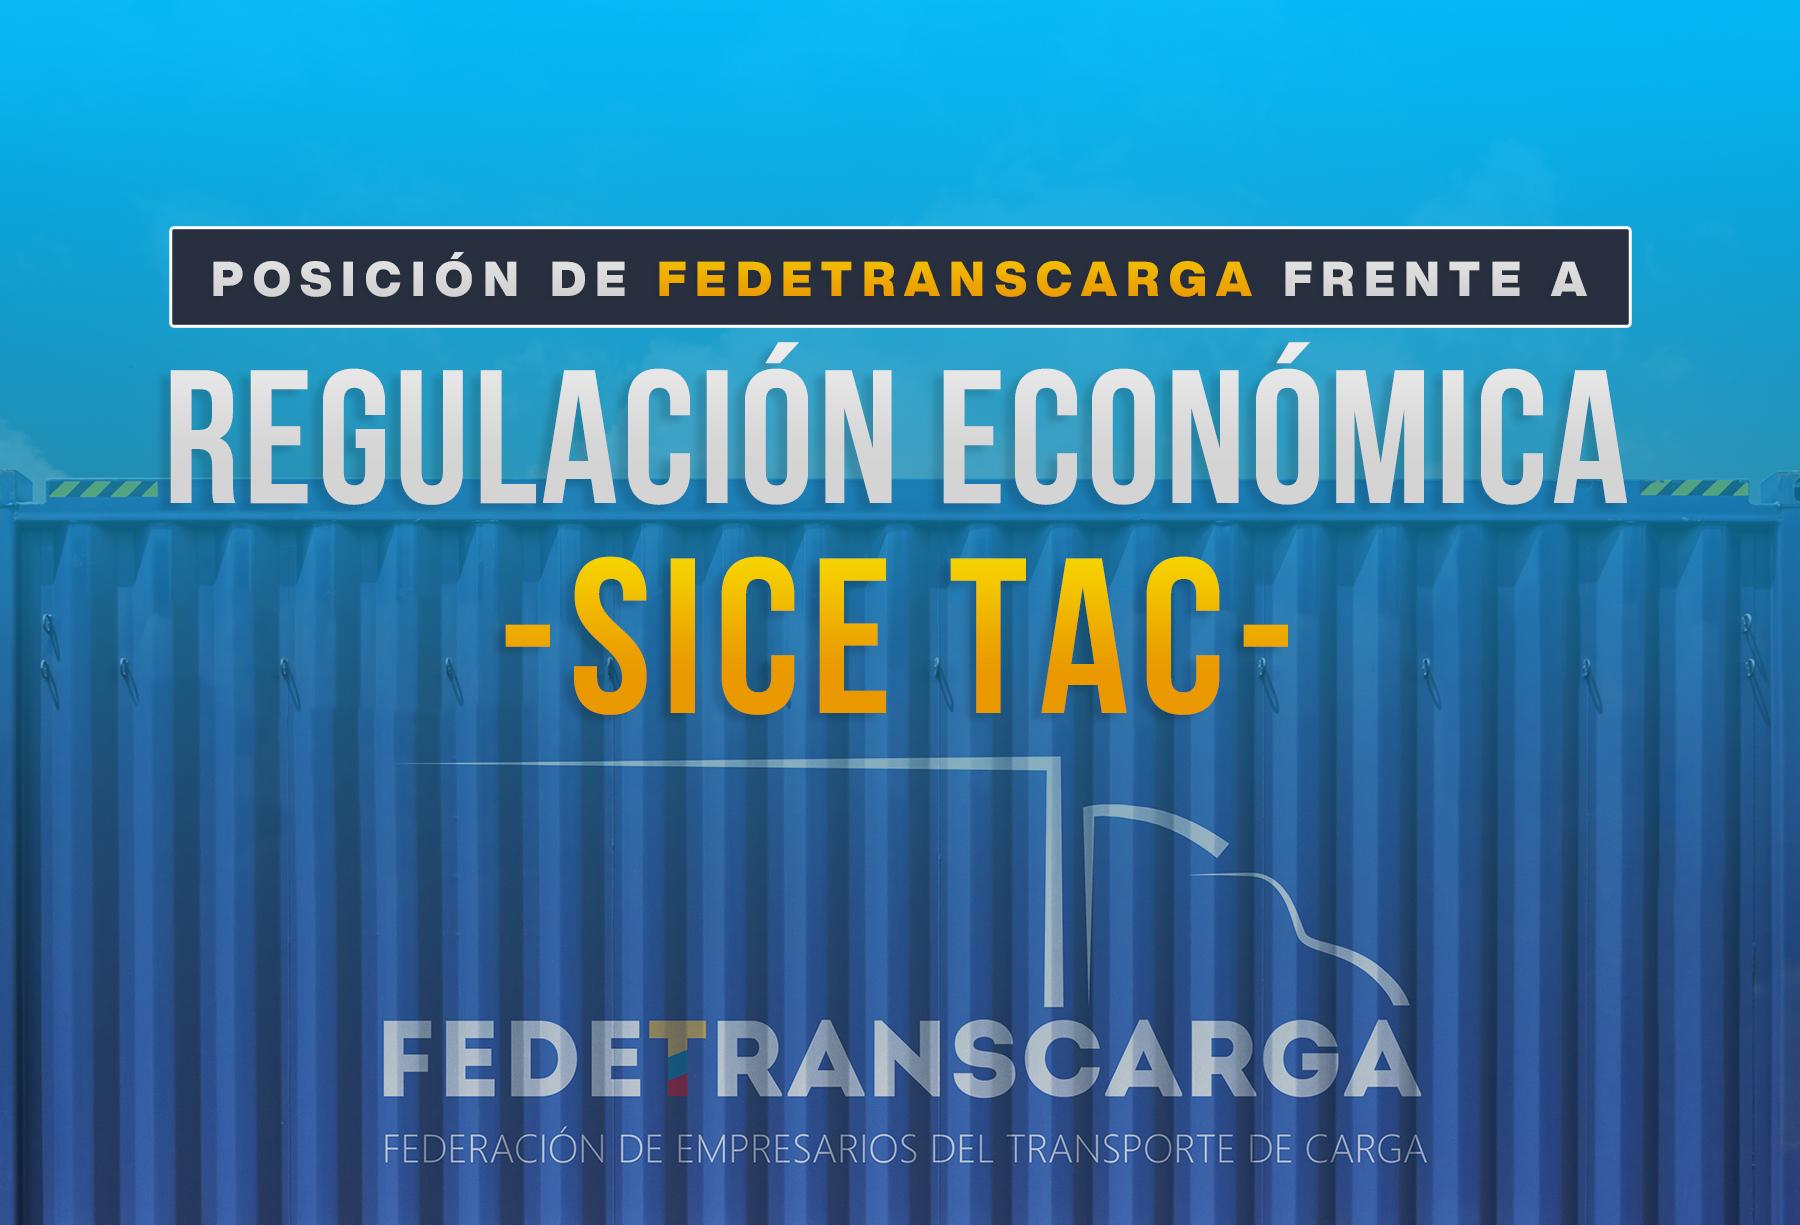 Fedetranscarga solicita determinar el 12% de intermediación -Sice Tac-.